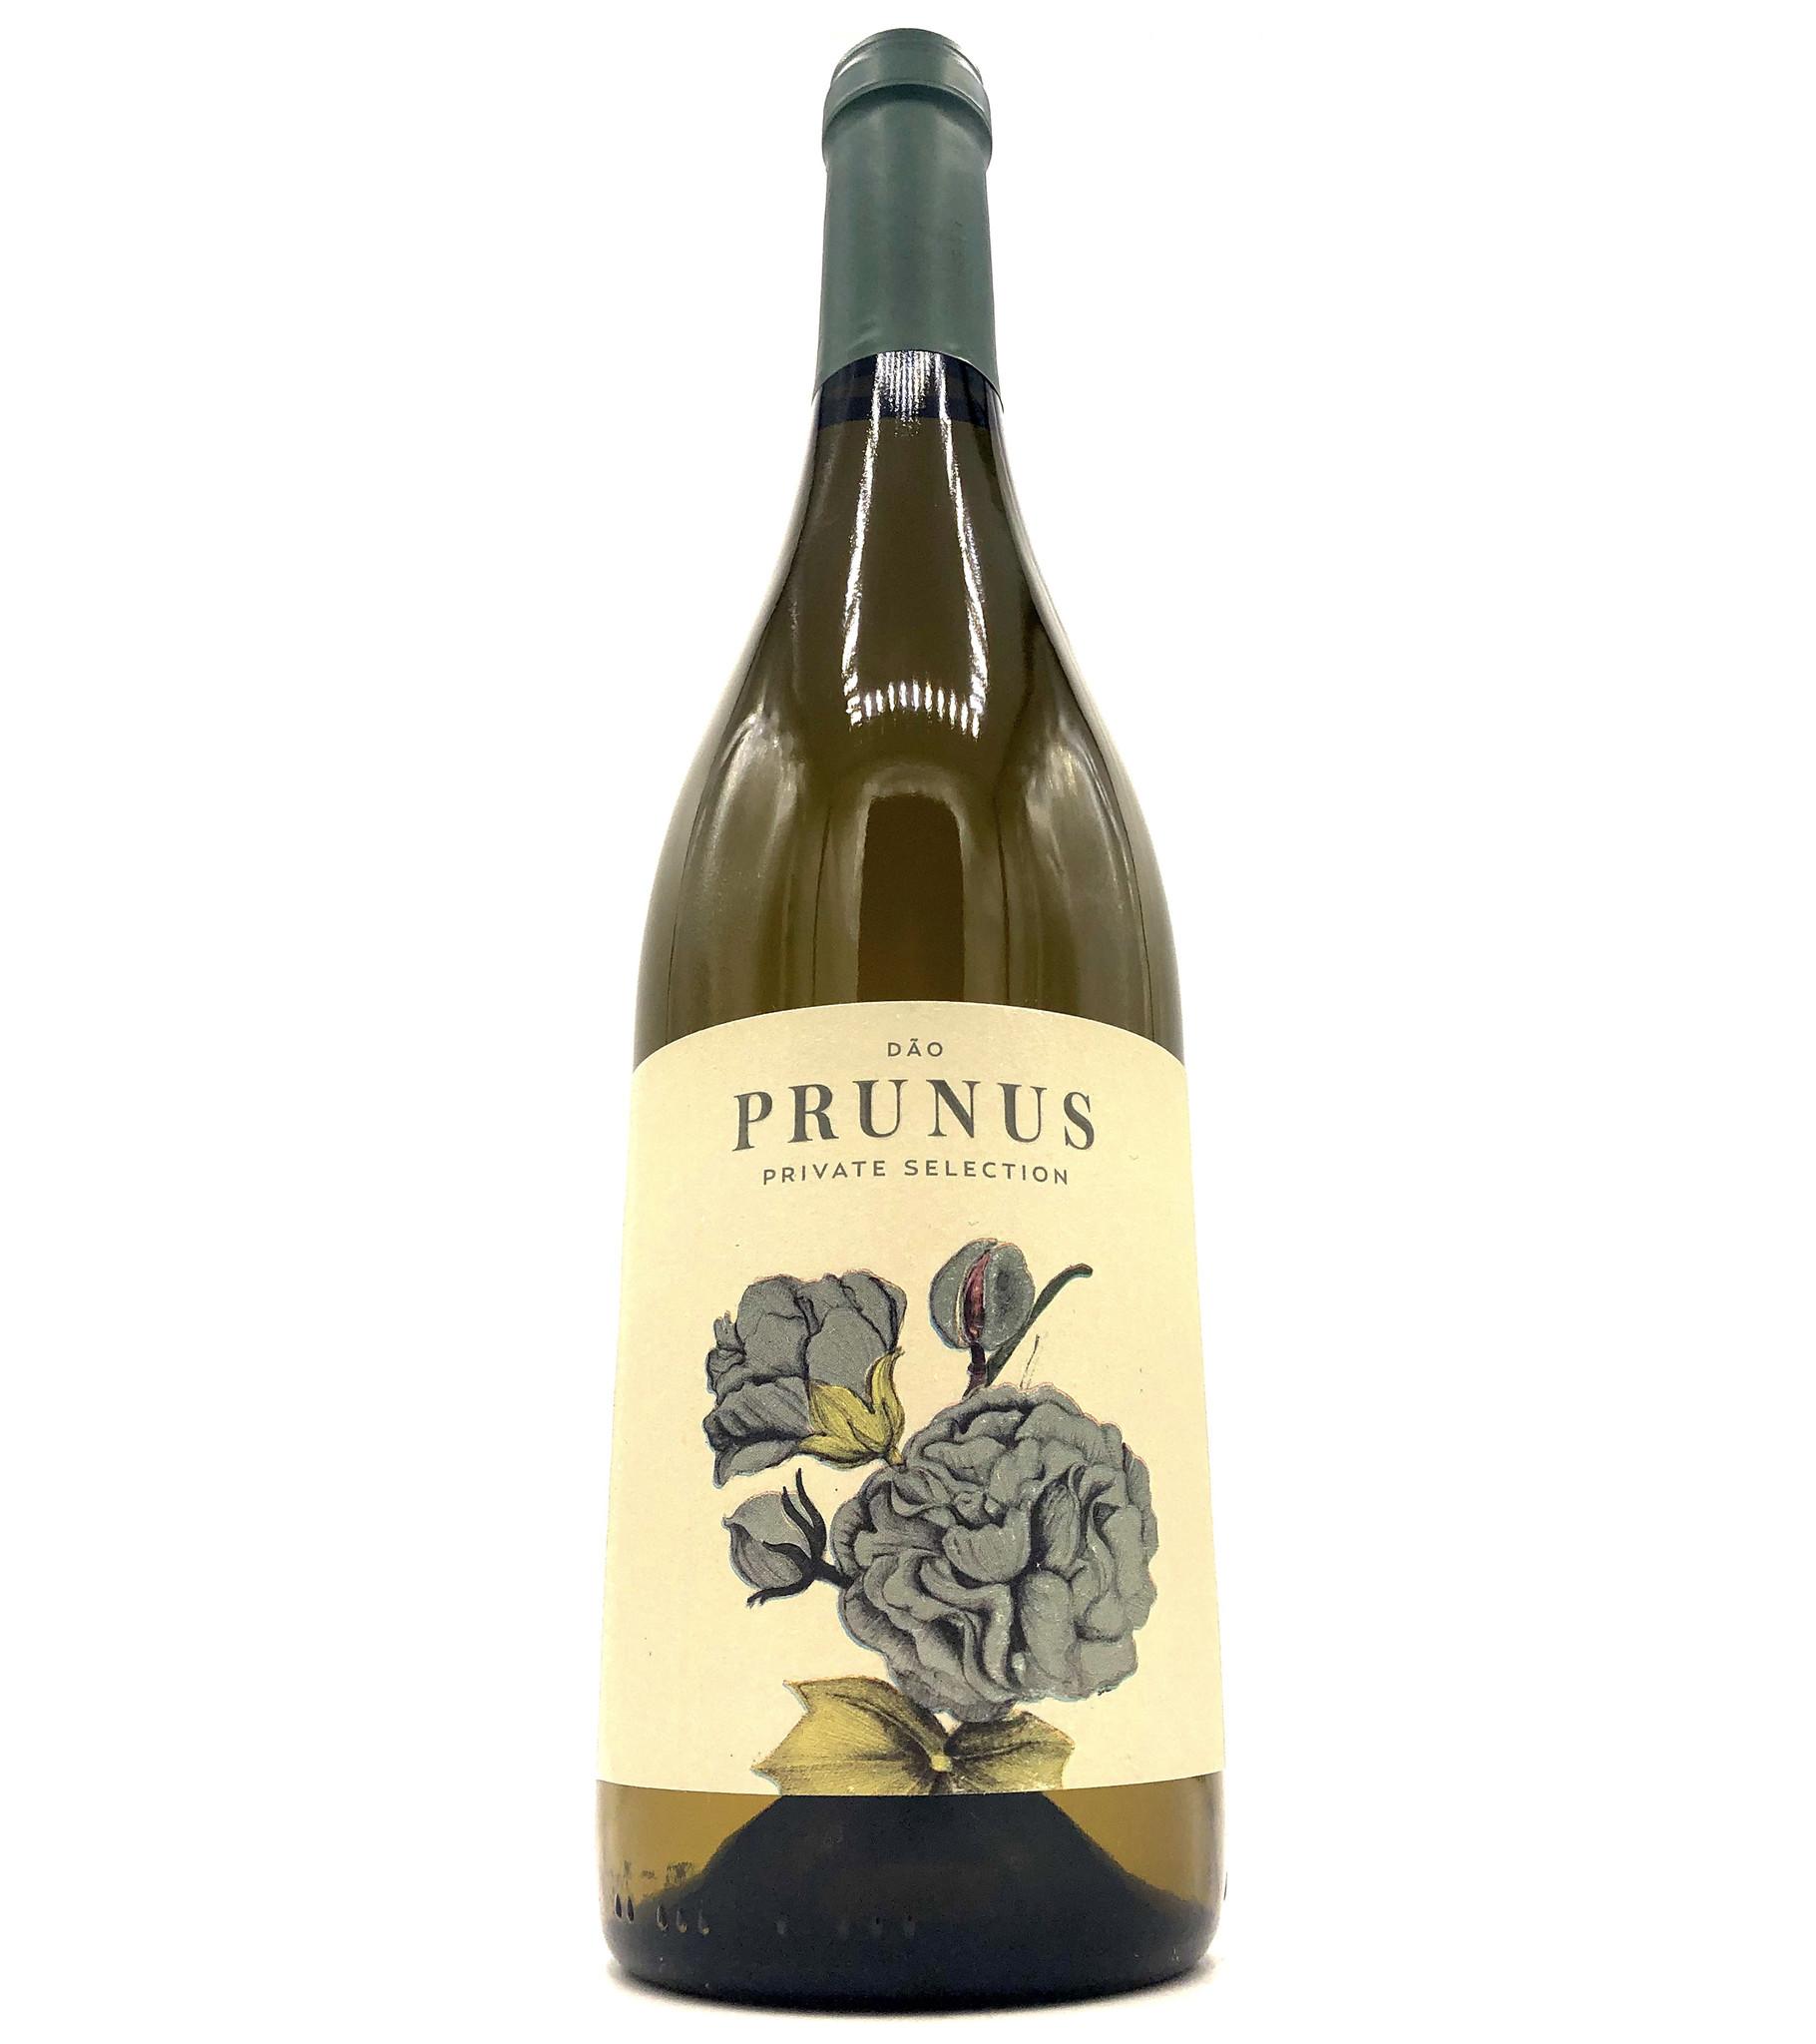 Dão Prunus Branco 2018 Gota Wine